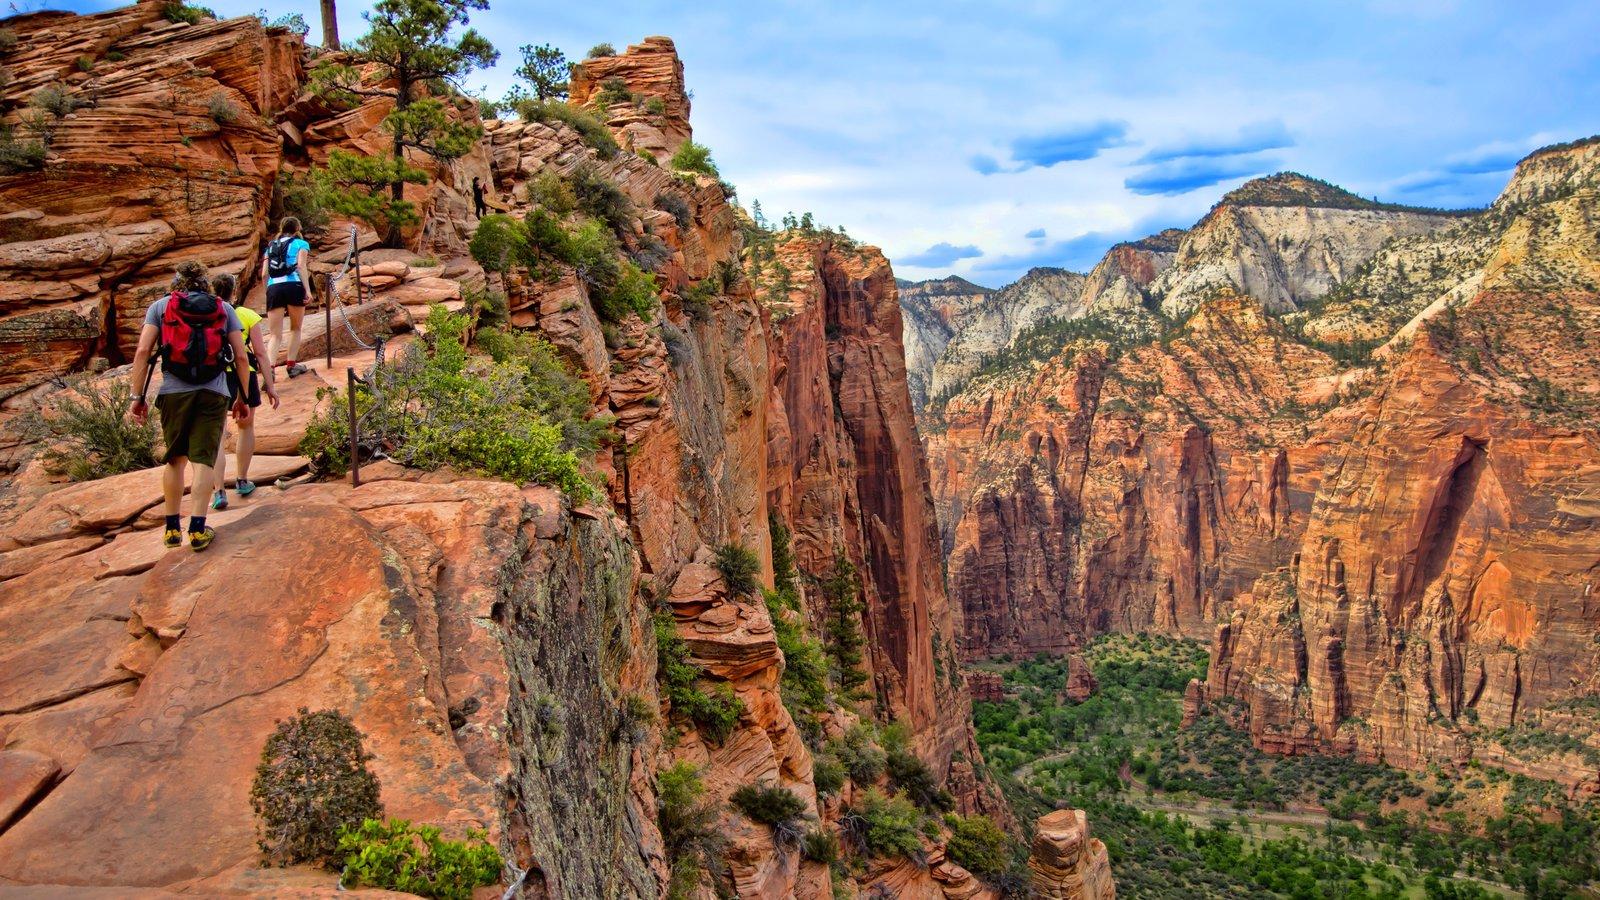 Parque Nacional Zion ofreciendo un barranco o cañón y senderismo o caminata y también un pequeño grupo de personas